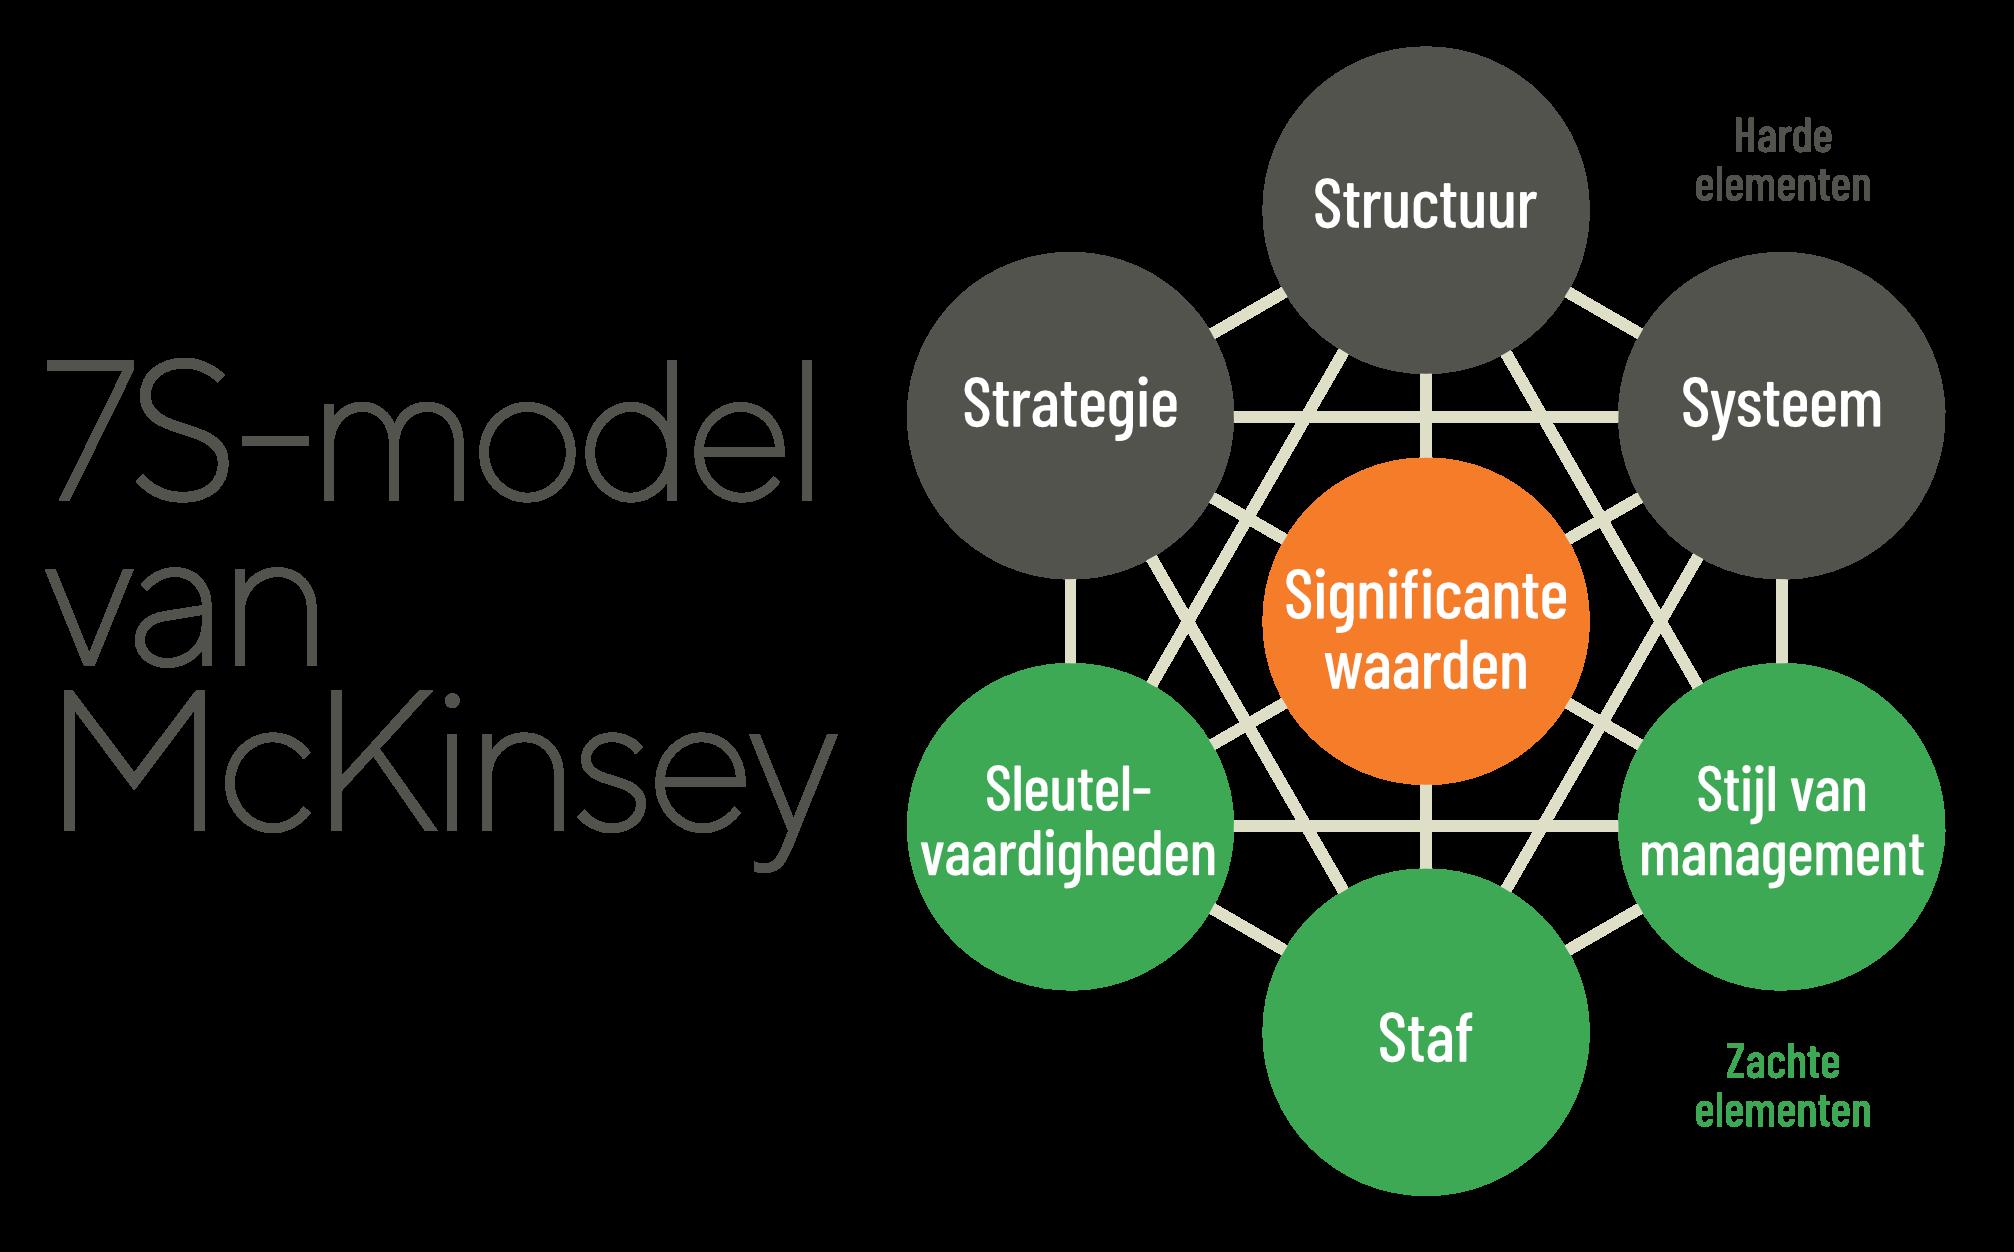 Het 7S-model van McKinsey